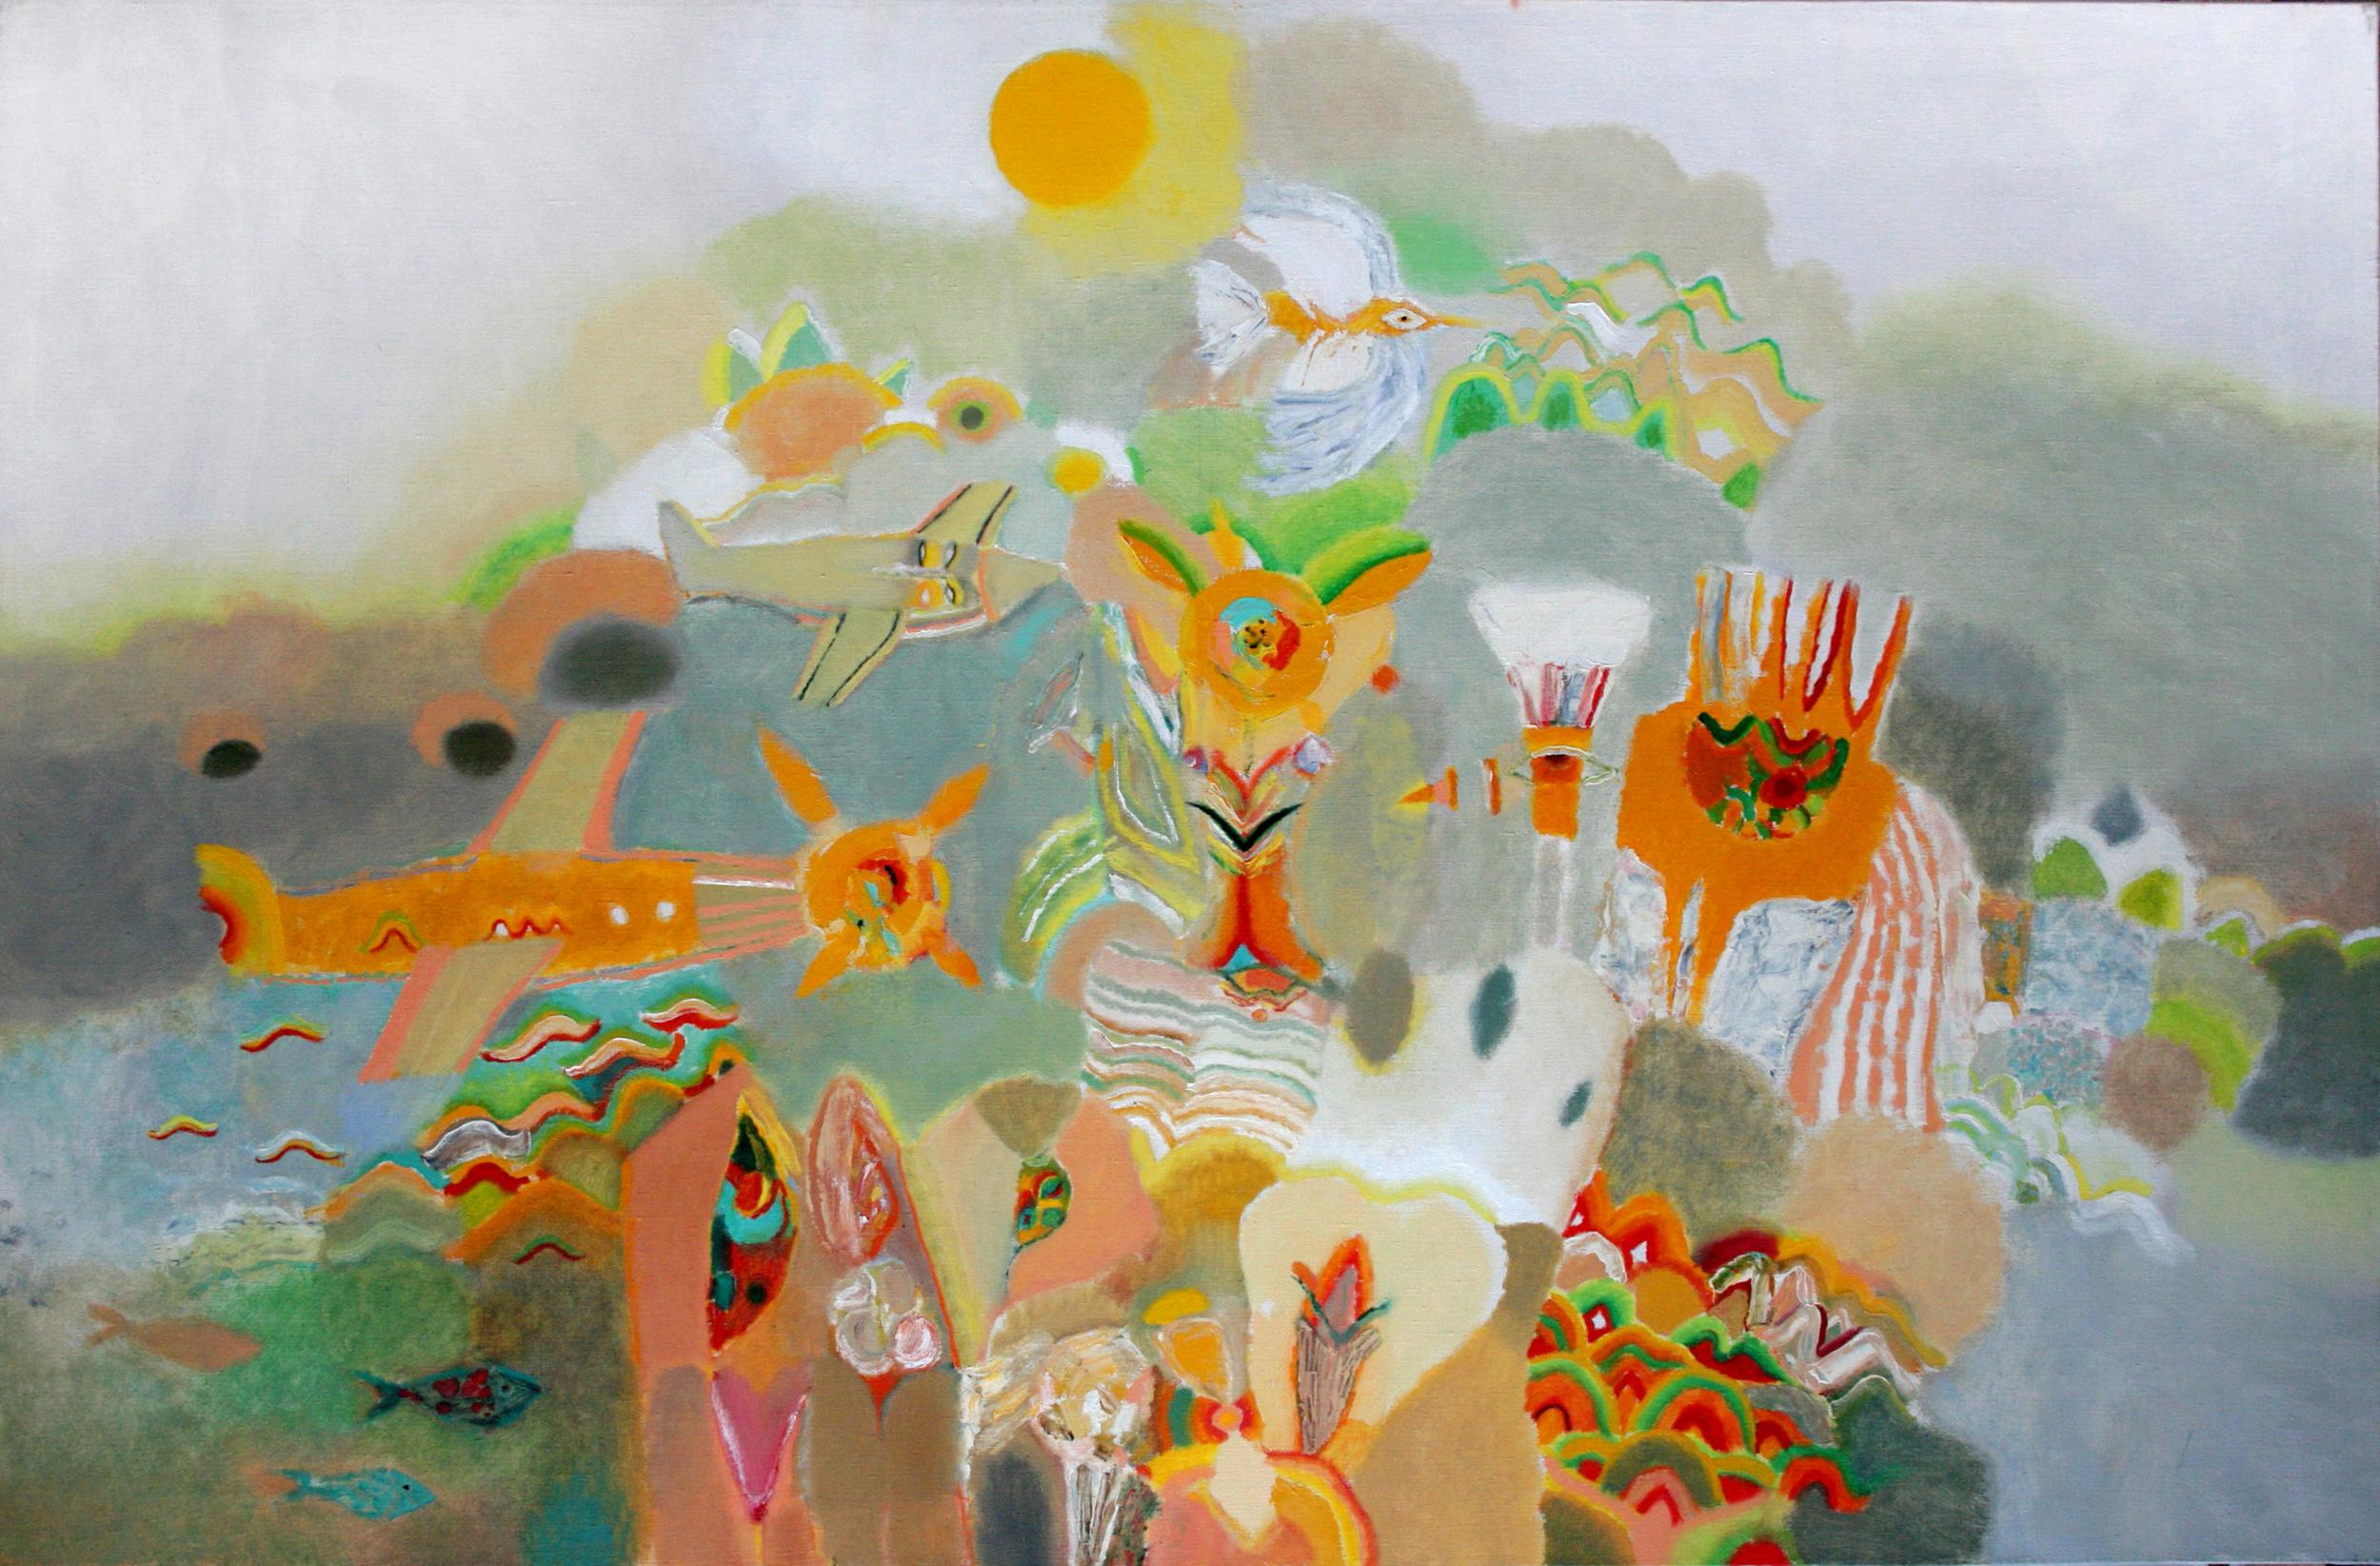 City of sun, 2015, Oil on Canvas, 45 x 69 in (115 х 175 cm)